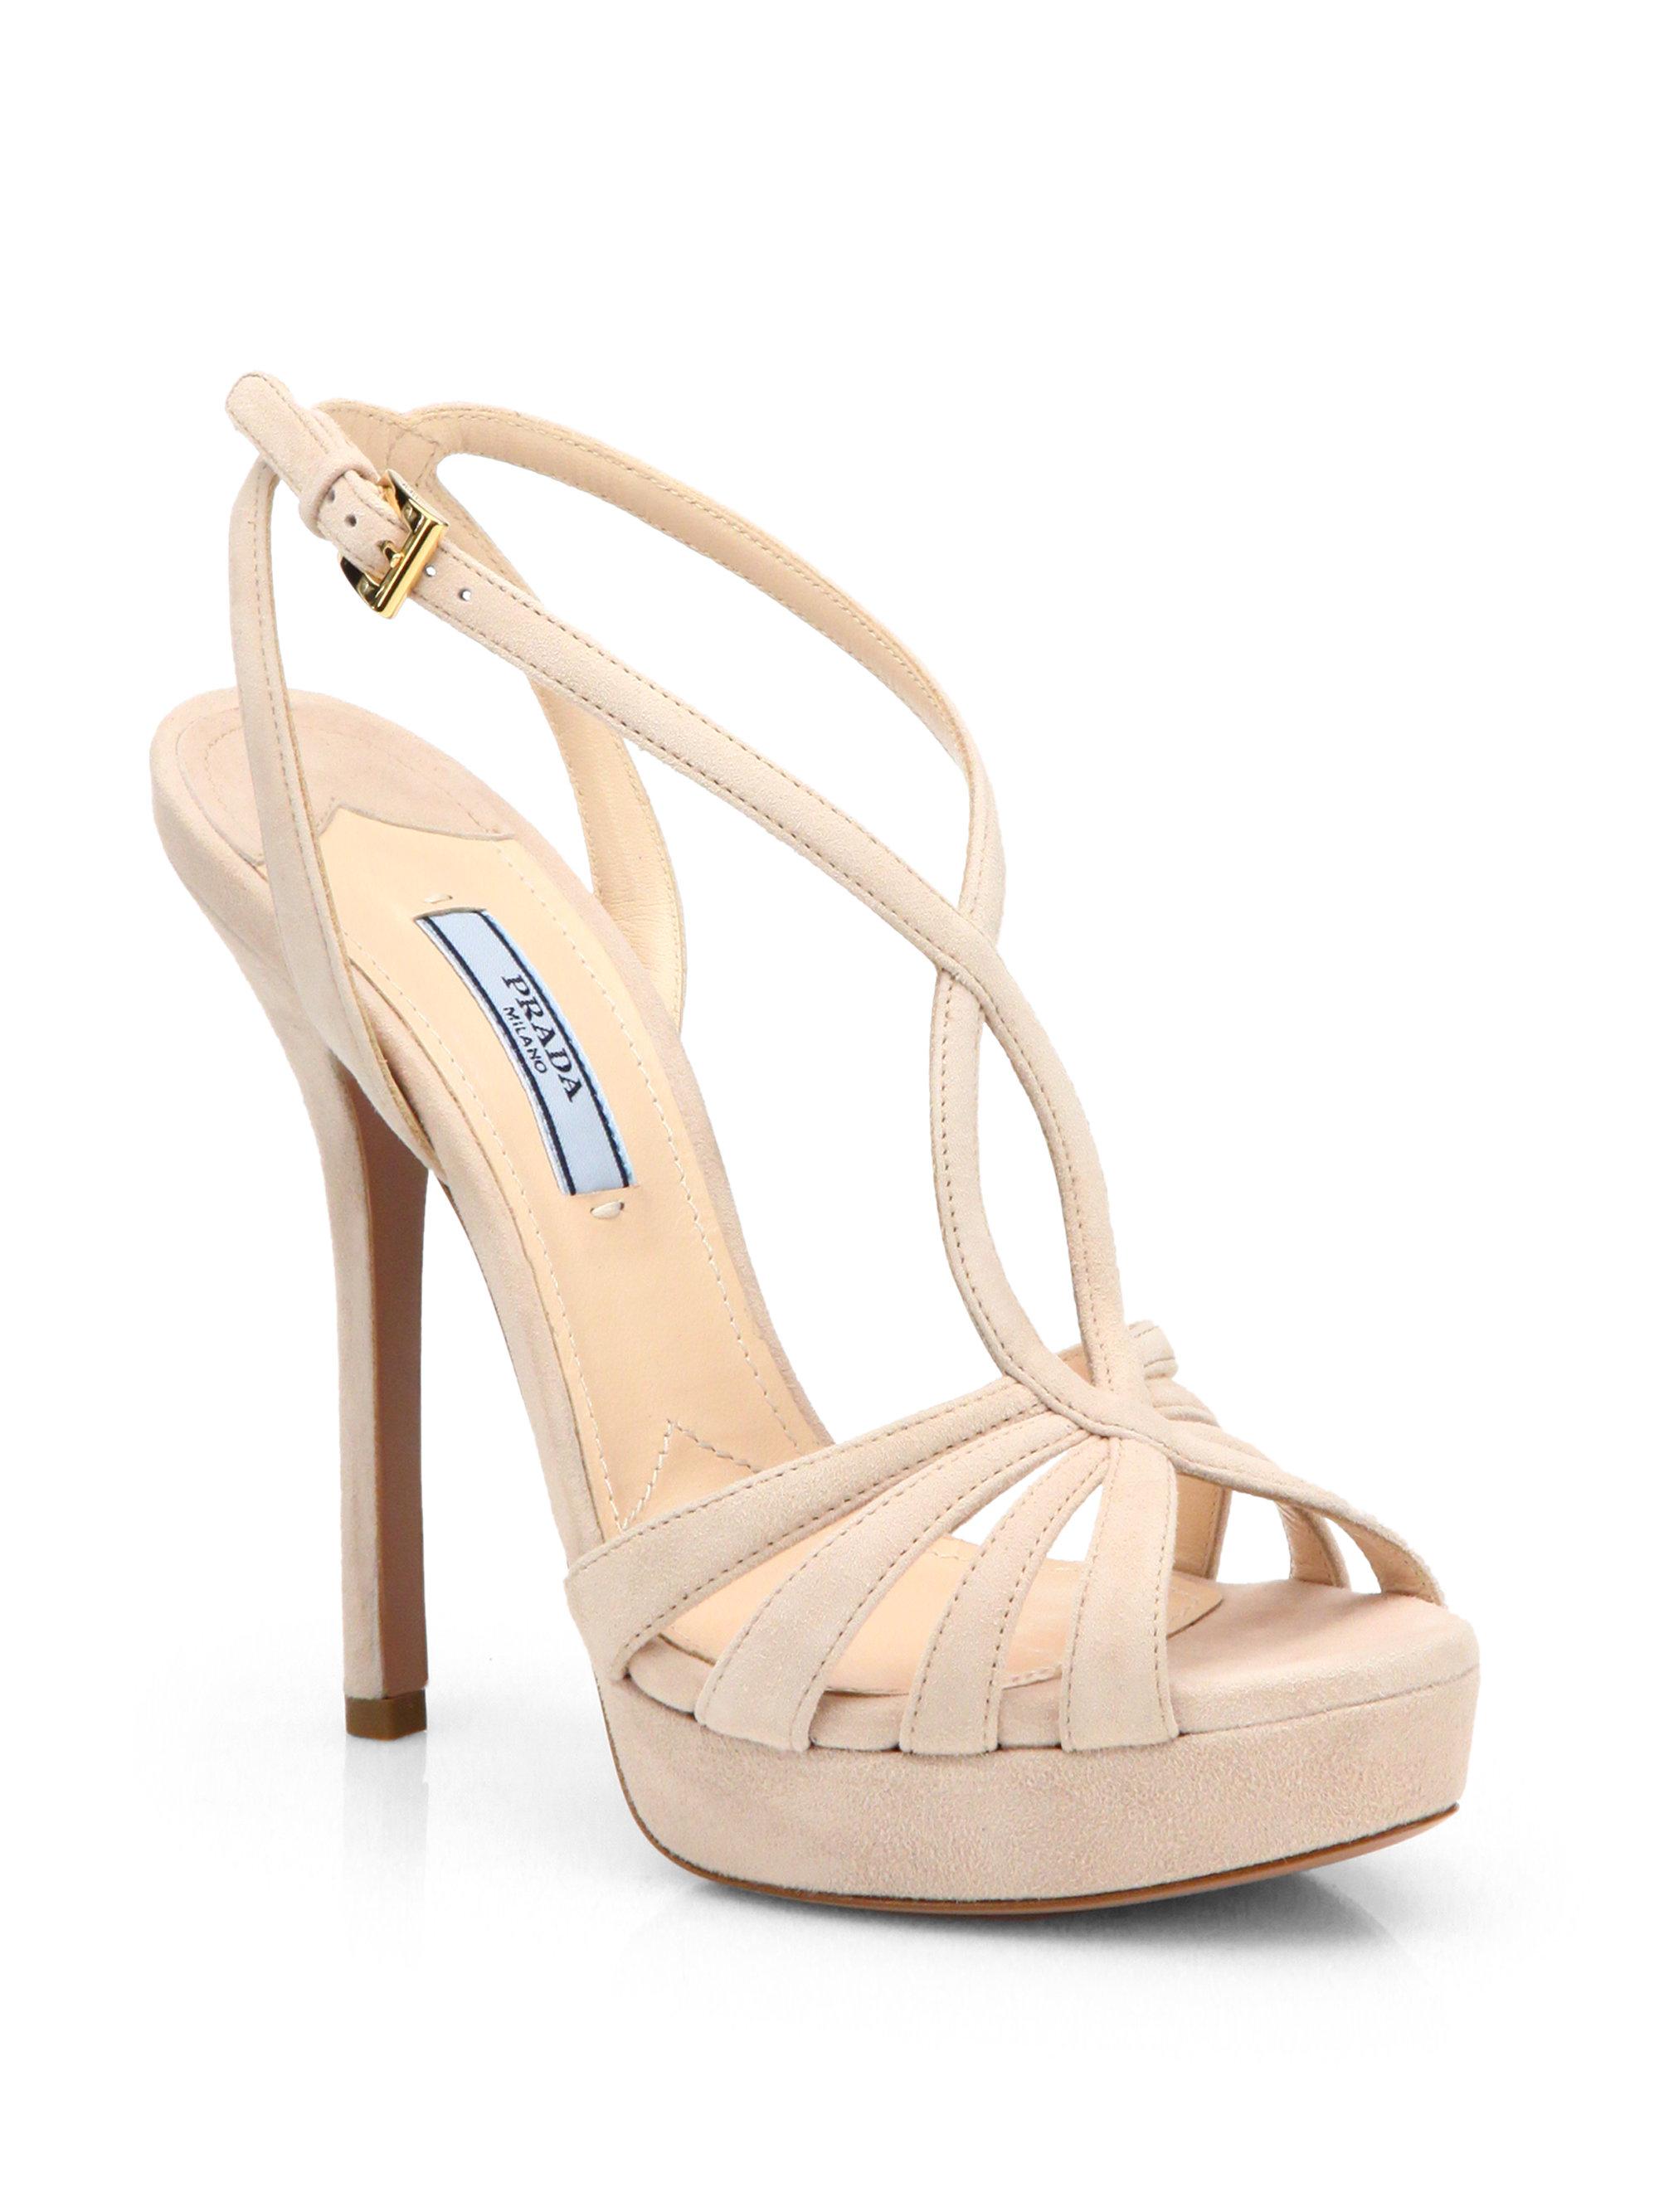 2f8dc24933e Lyst - Prada Strappy Suede Platform Sandals in Pink